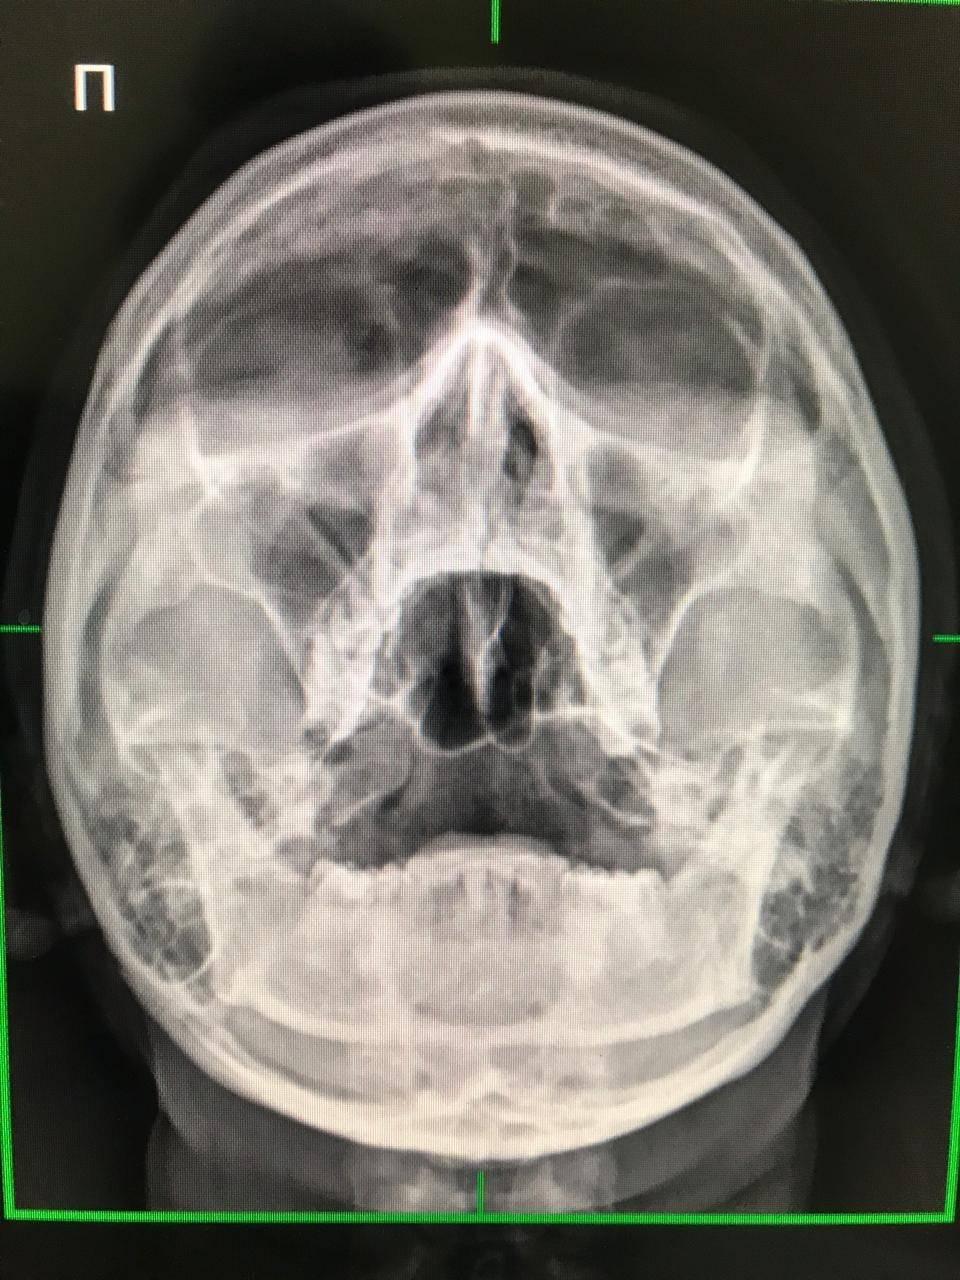 рентген носовых пазух что показывает